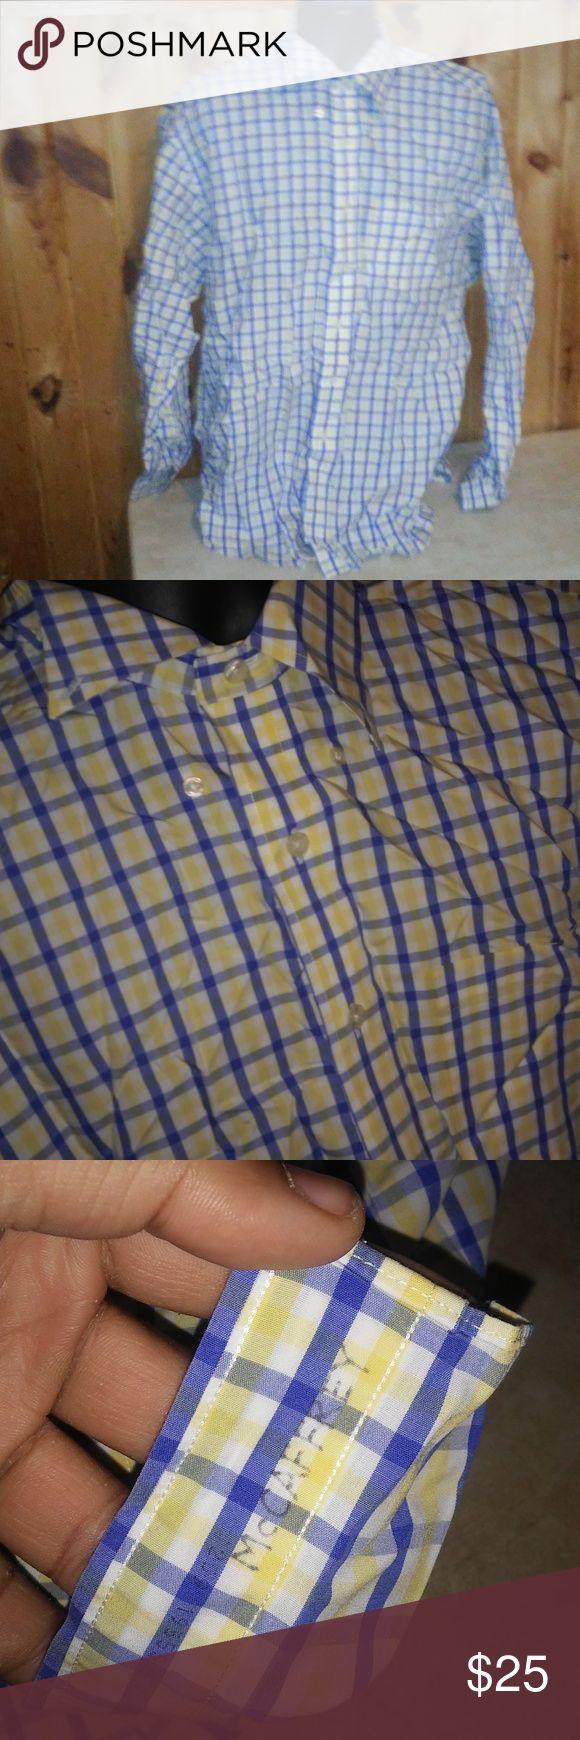 brooks brothers men XL yellow non iron shirt T1 men size XL 100% cotton non iron yellow blue checks prev owners name on shirt Brooks Brothers Shirts Dress Shirts